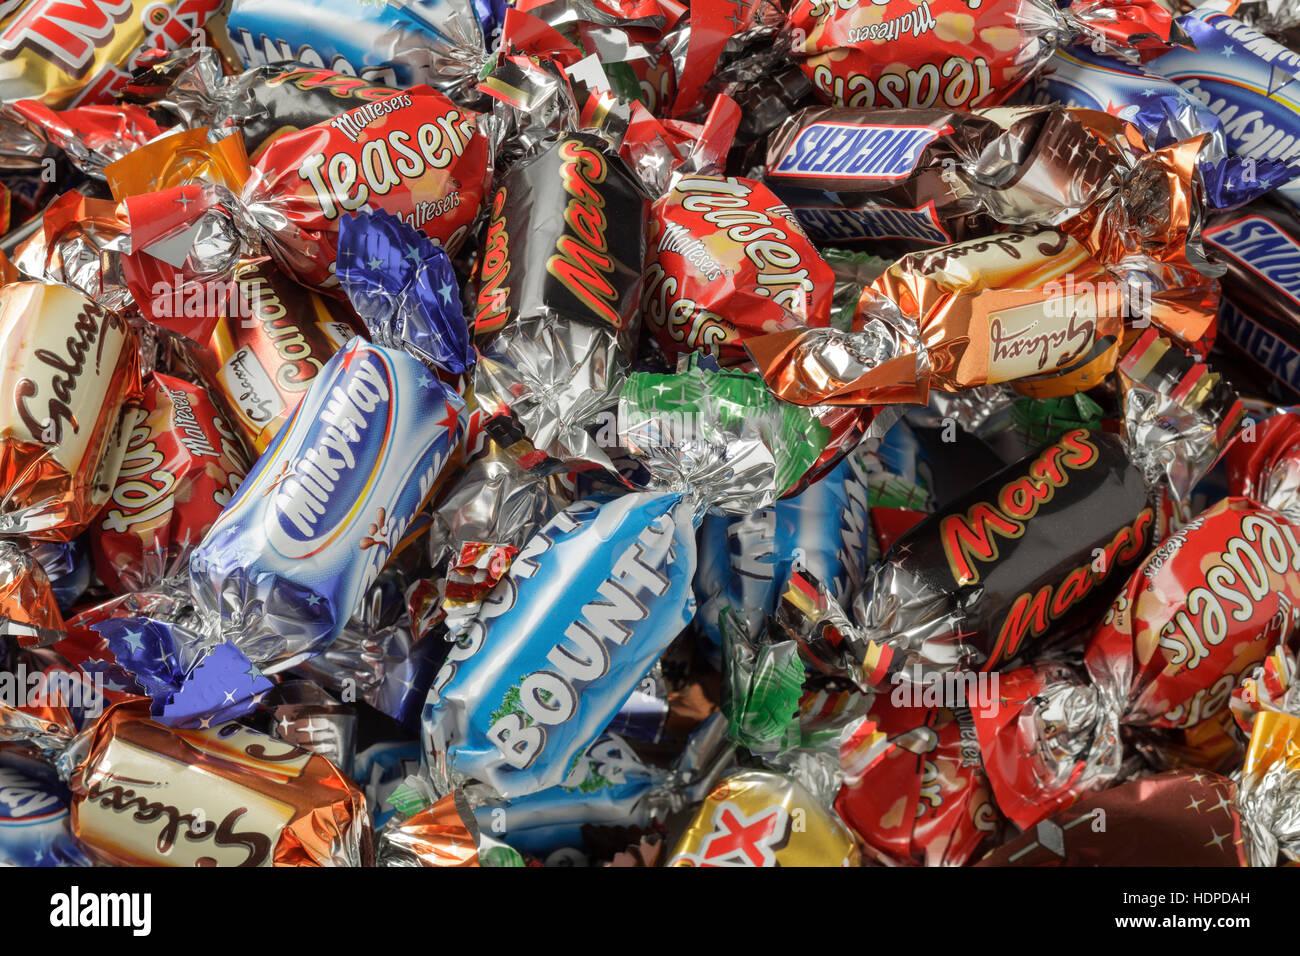 Celebrations chocolates - Stock Image